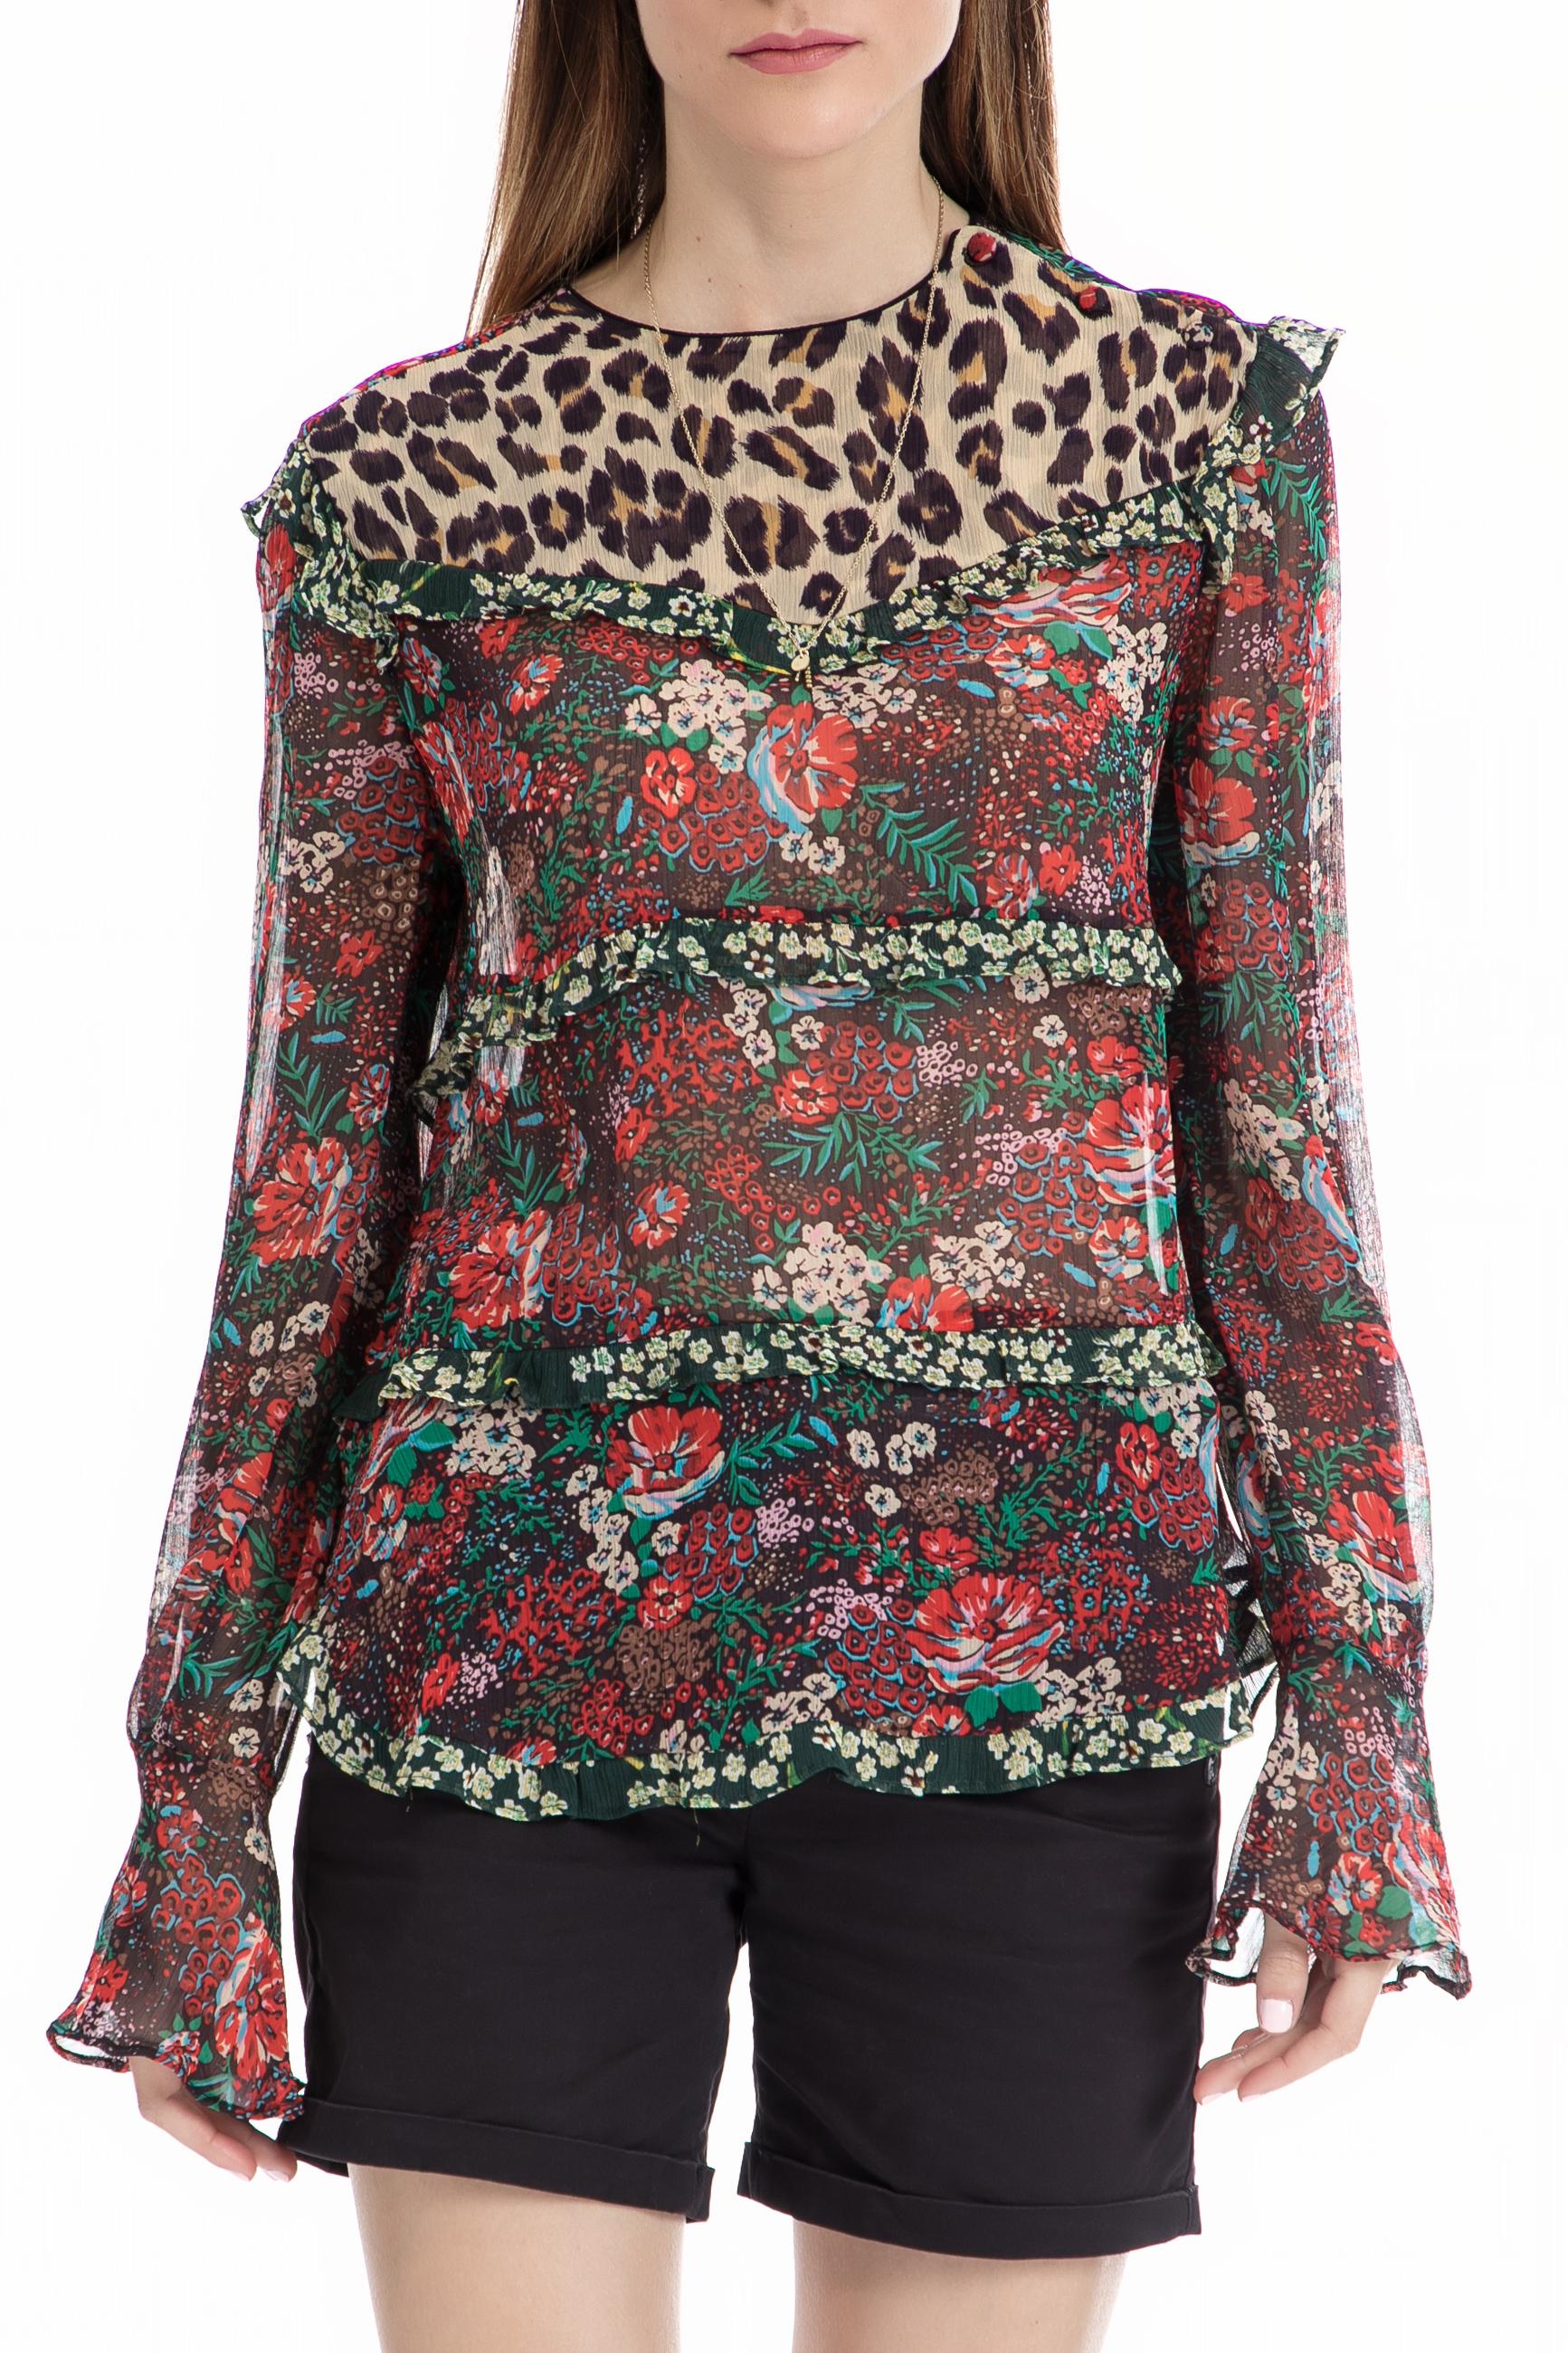 SCOTCH & SODA - Τοπ Mixed print MAISON SCOTCH εμπριμέ γυναικεία ρούχα μπλούζες τοπ